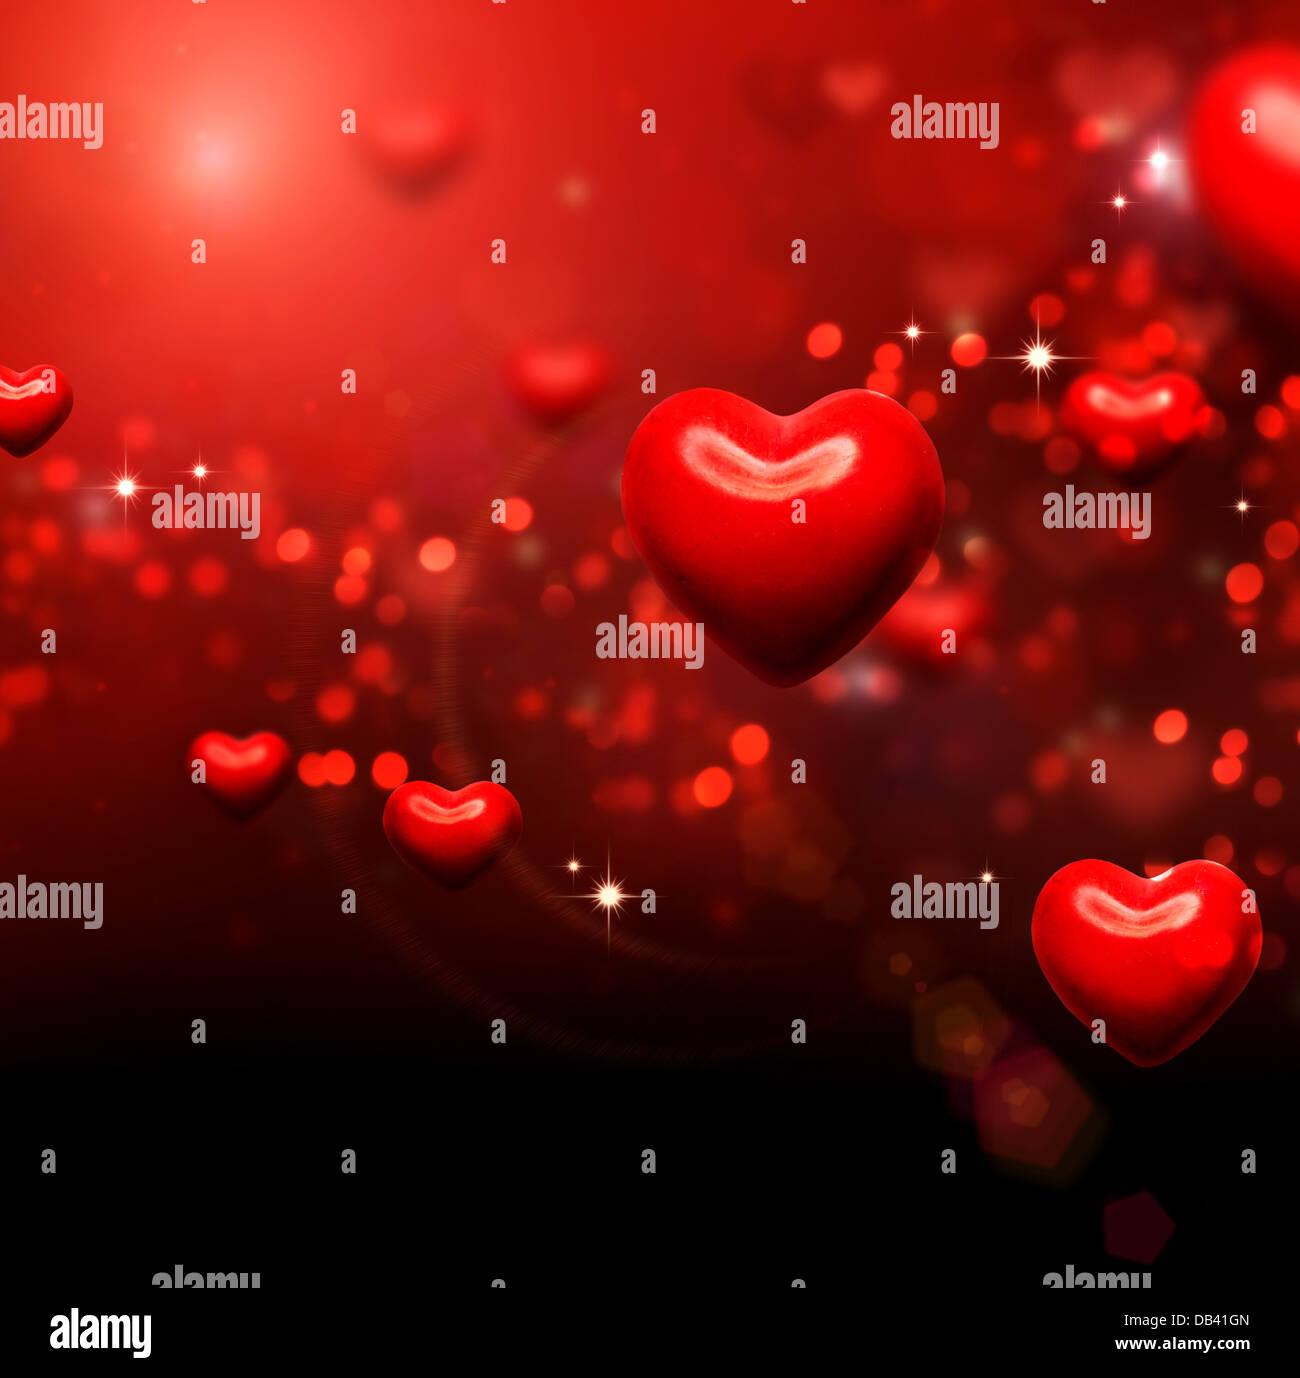 Corazones de San Valentín de fondo. Día de San Valentín Rojo Wallpaper abstracto Imagen De Stock